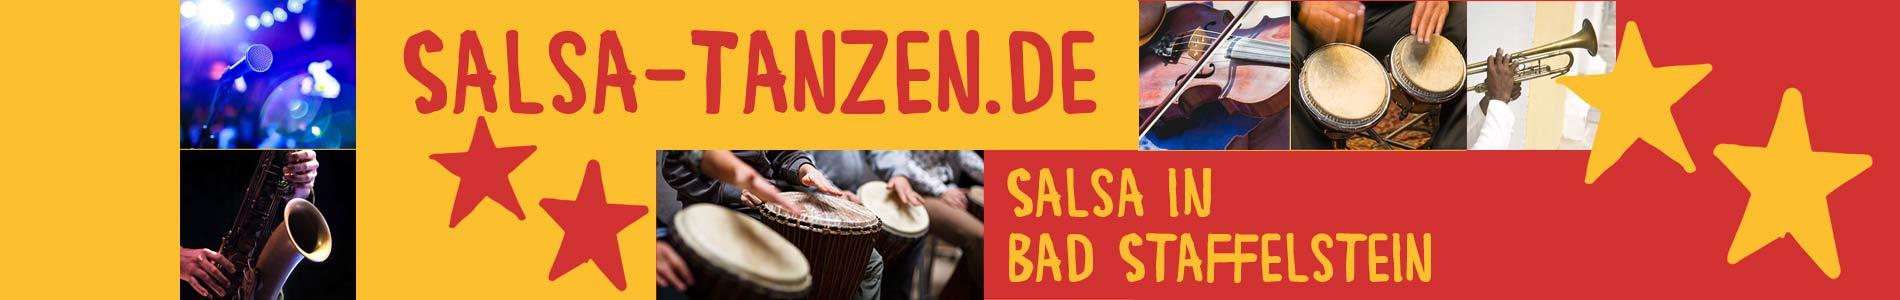 Salsa in Bad Staffelstein – Salsa lernen und tanzen, Tanzkurse, Partys, Veranstaltungen